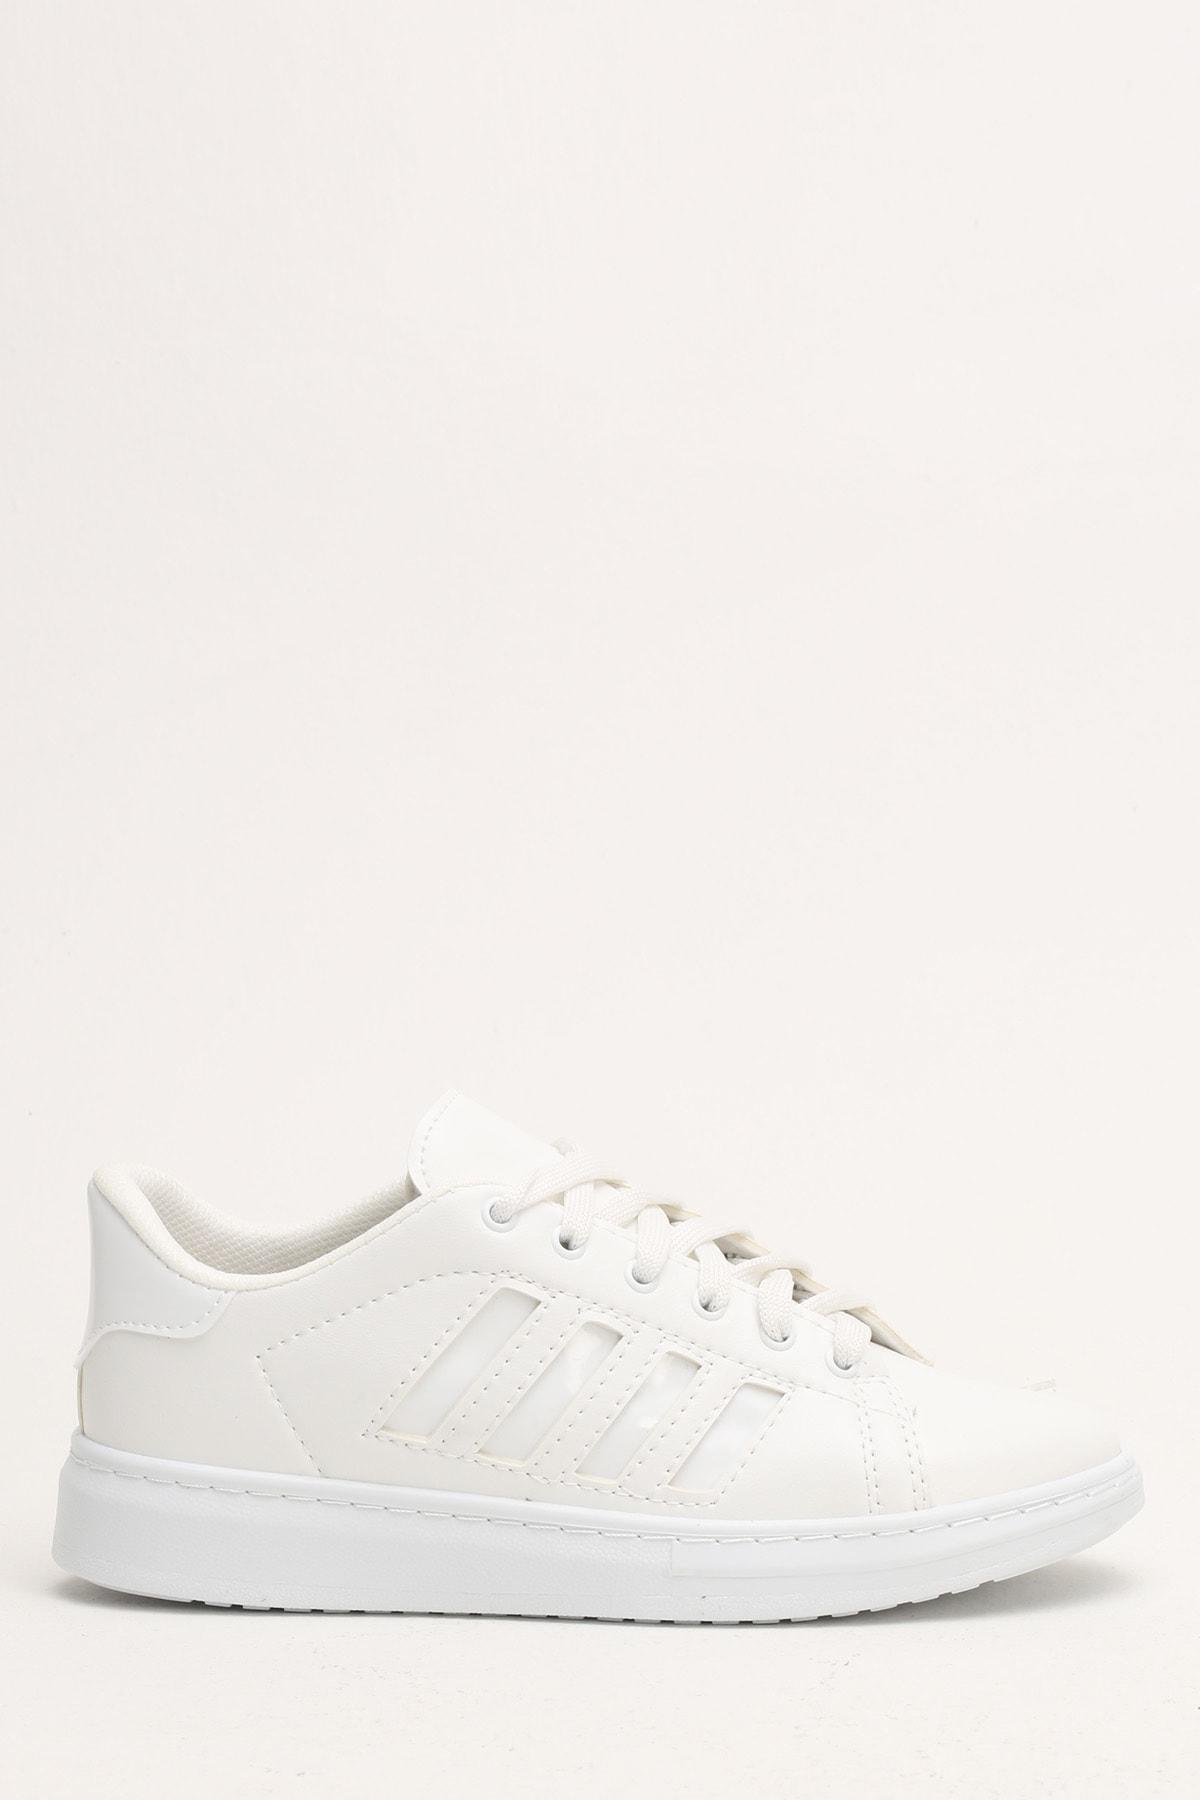 Ayakkabı Modası Beyaz Kadın Spor Ayakkabı M4000-19-101002R 0